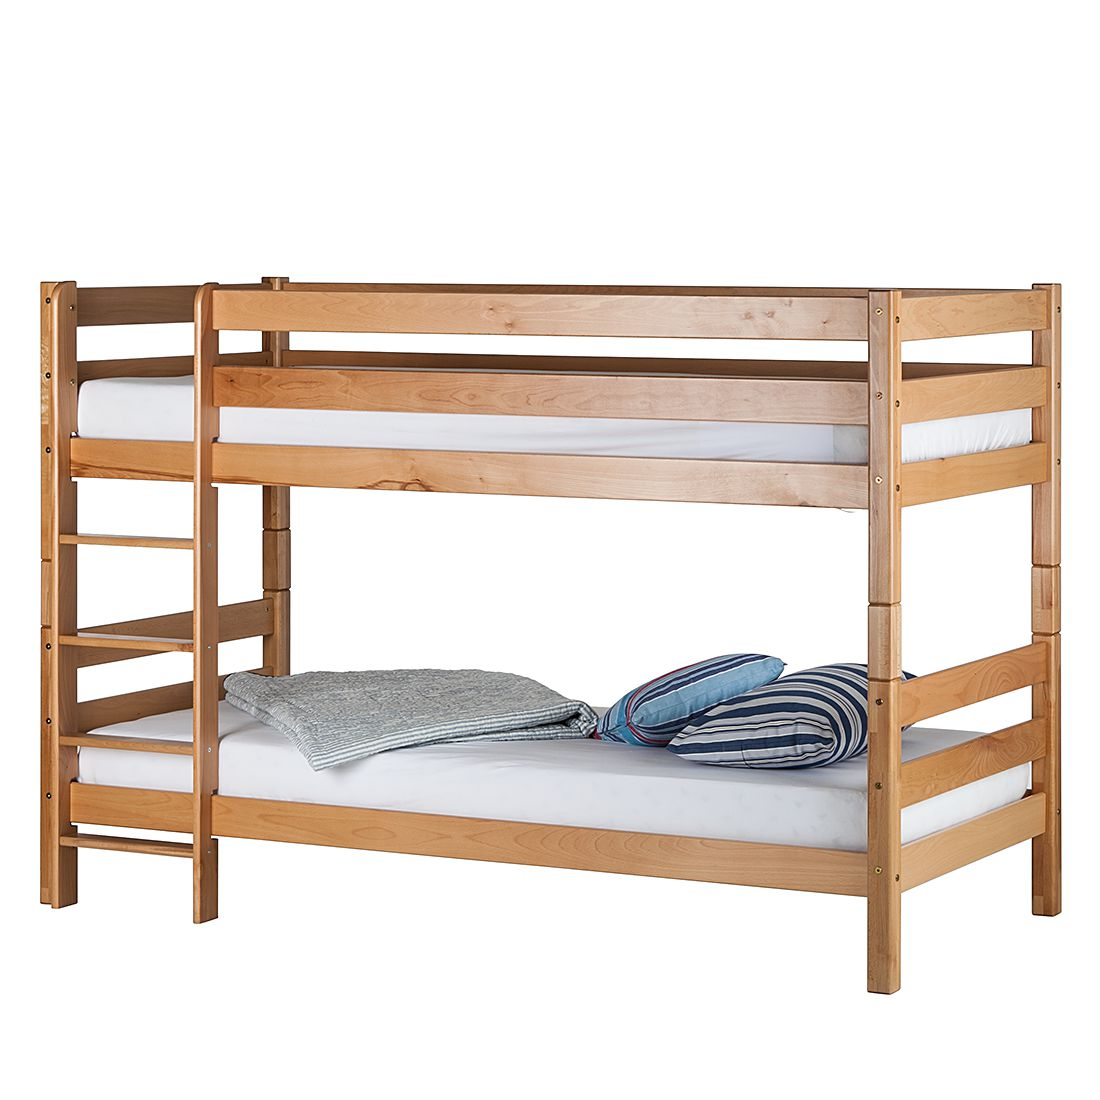 Befara letto a castello legno olimpo bb prezzi e offerte - Befara letto a castello ...